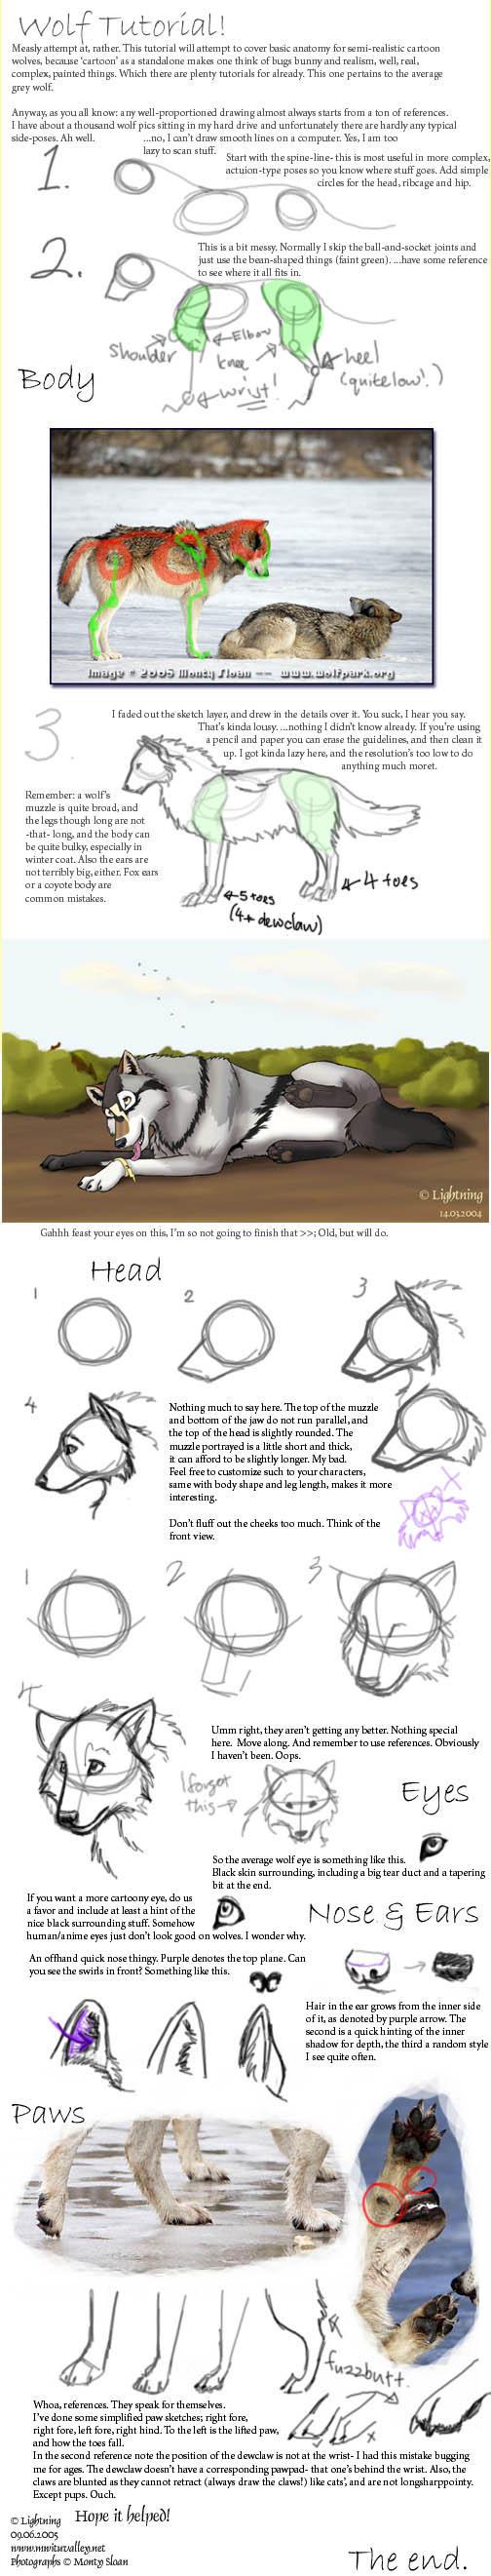 Wolf Tutorial by blayrd